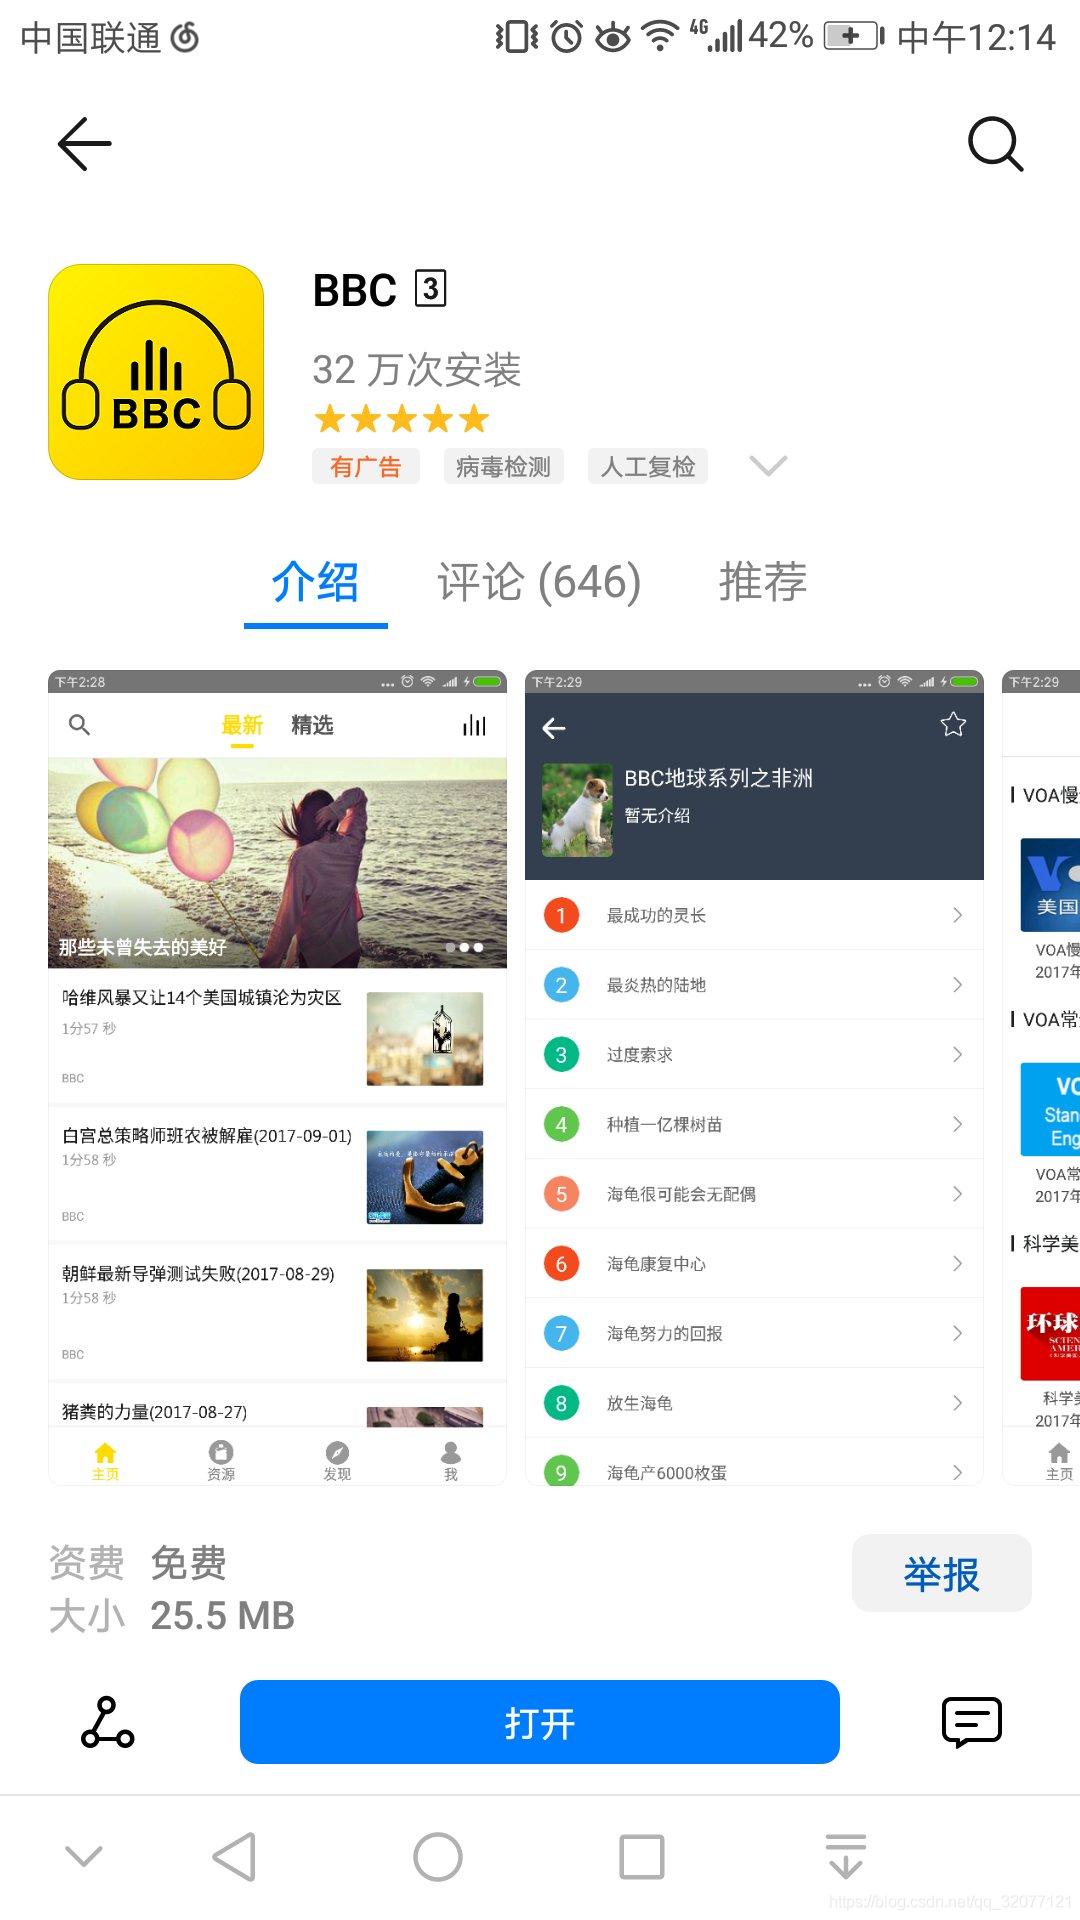 韦伯字典网站_5个值得推荐的英语学习网站及1个英语学习App - Beyond Liang - CSDN博客